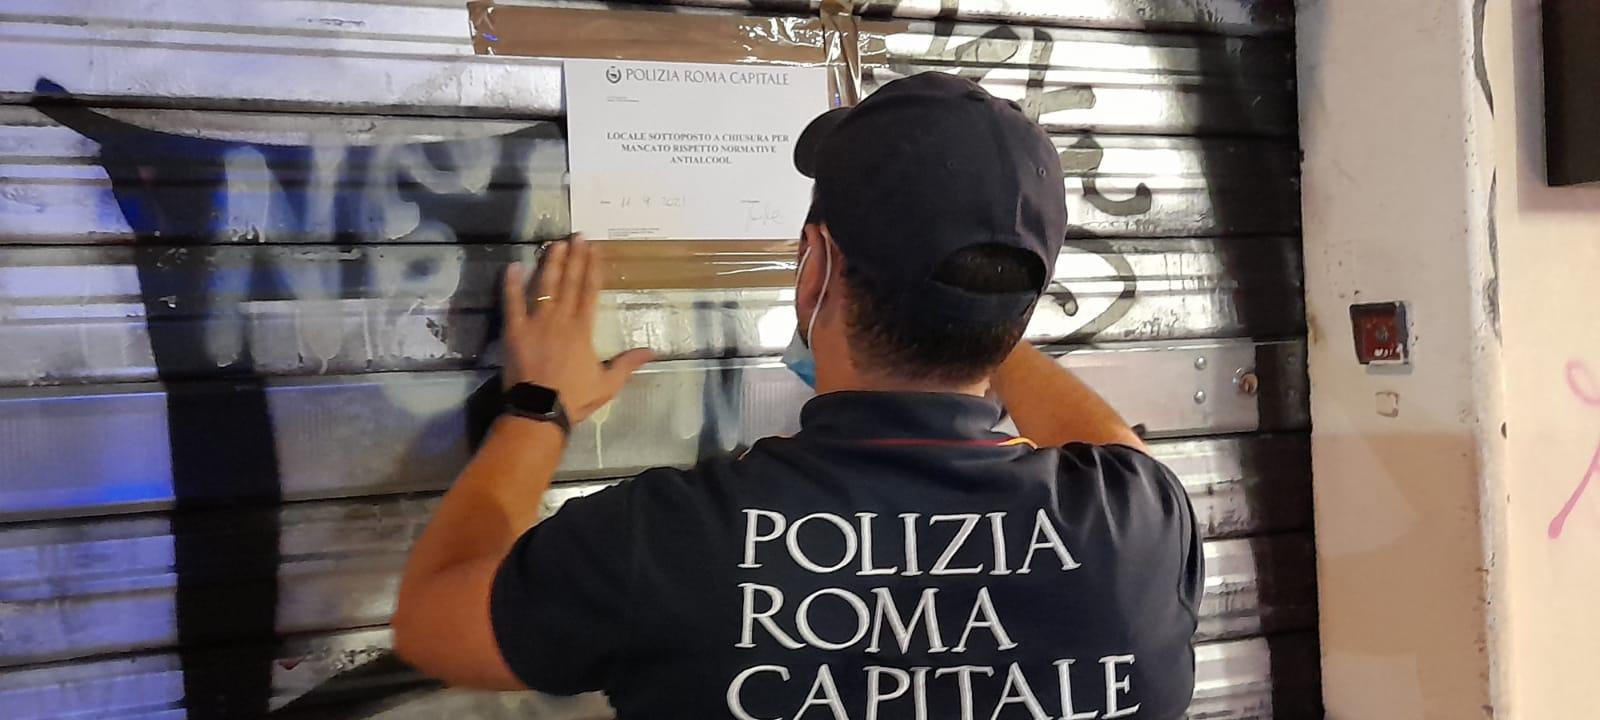 Roma, oltre 2mila controlli nel fine settimana: più di 60 le attività sanzionate